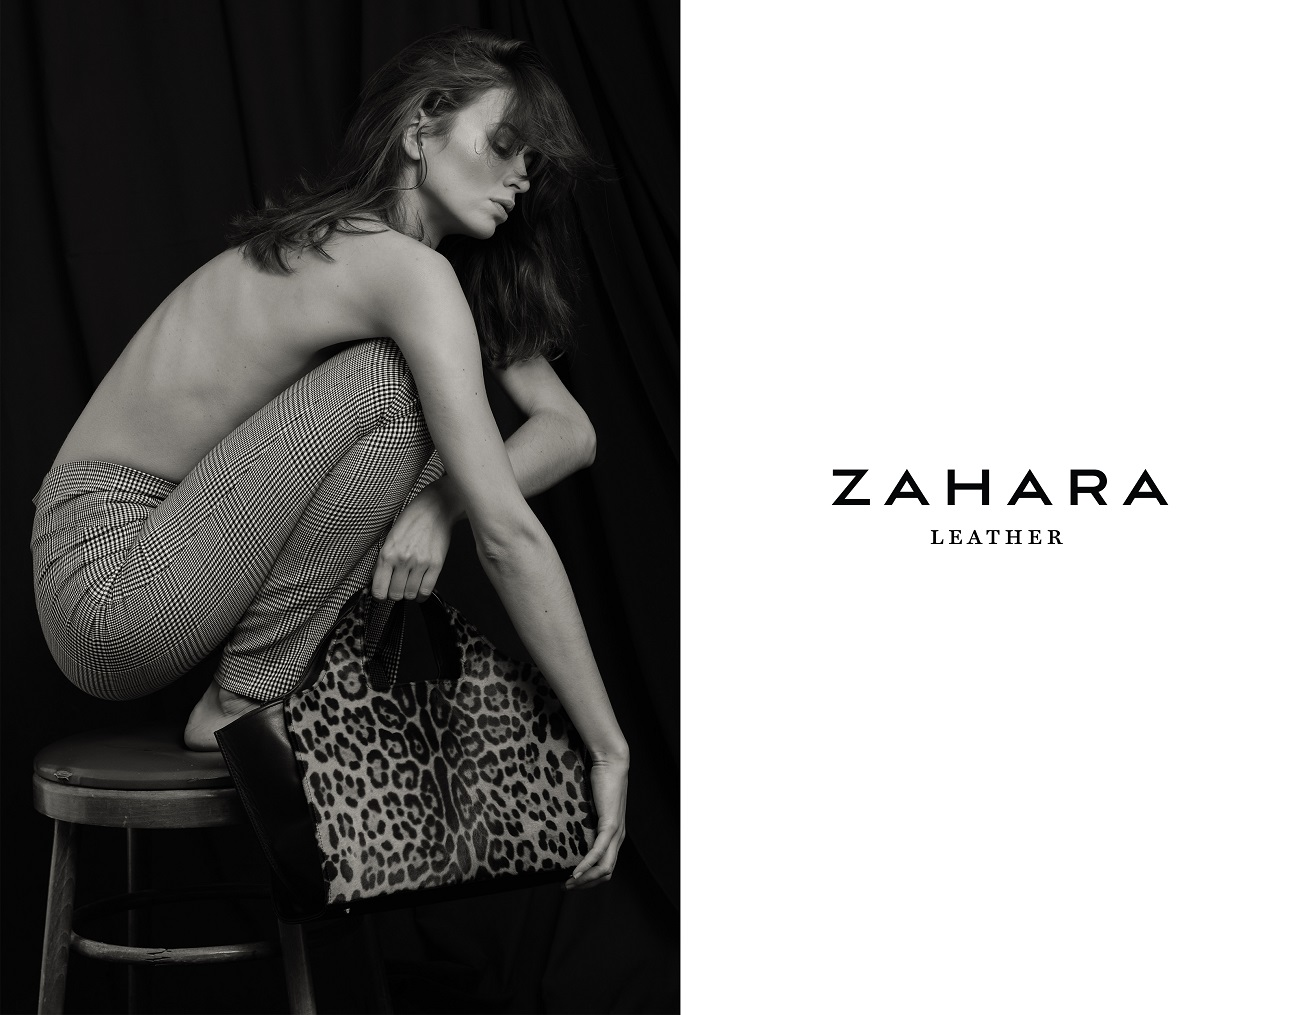 Zwierzęca egzotyka w najnowszej kampanii Zahara Leather